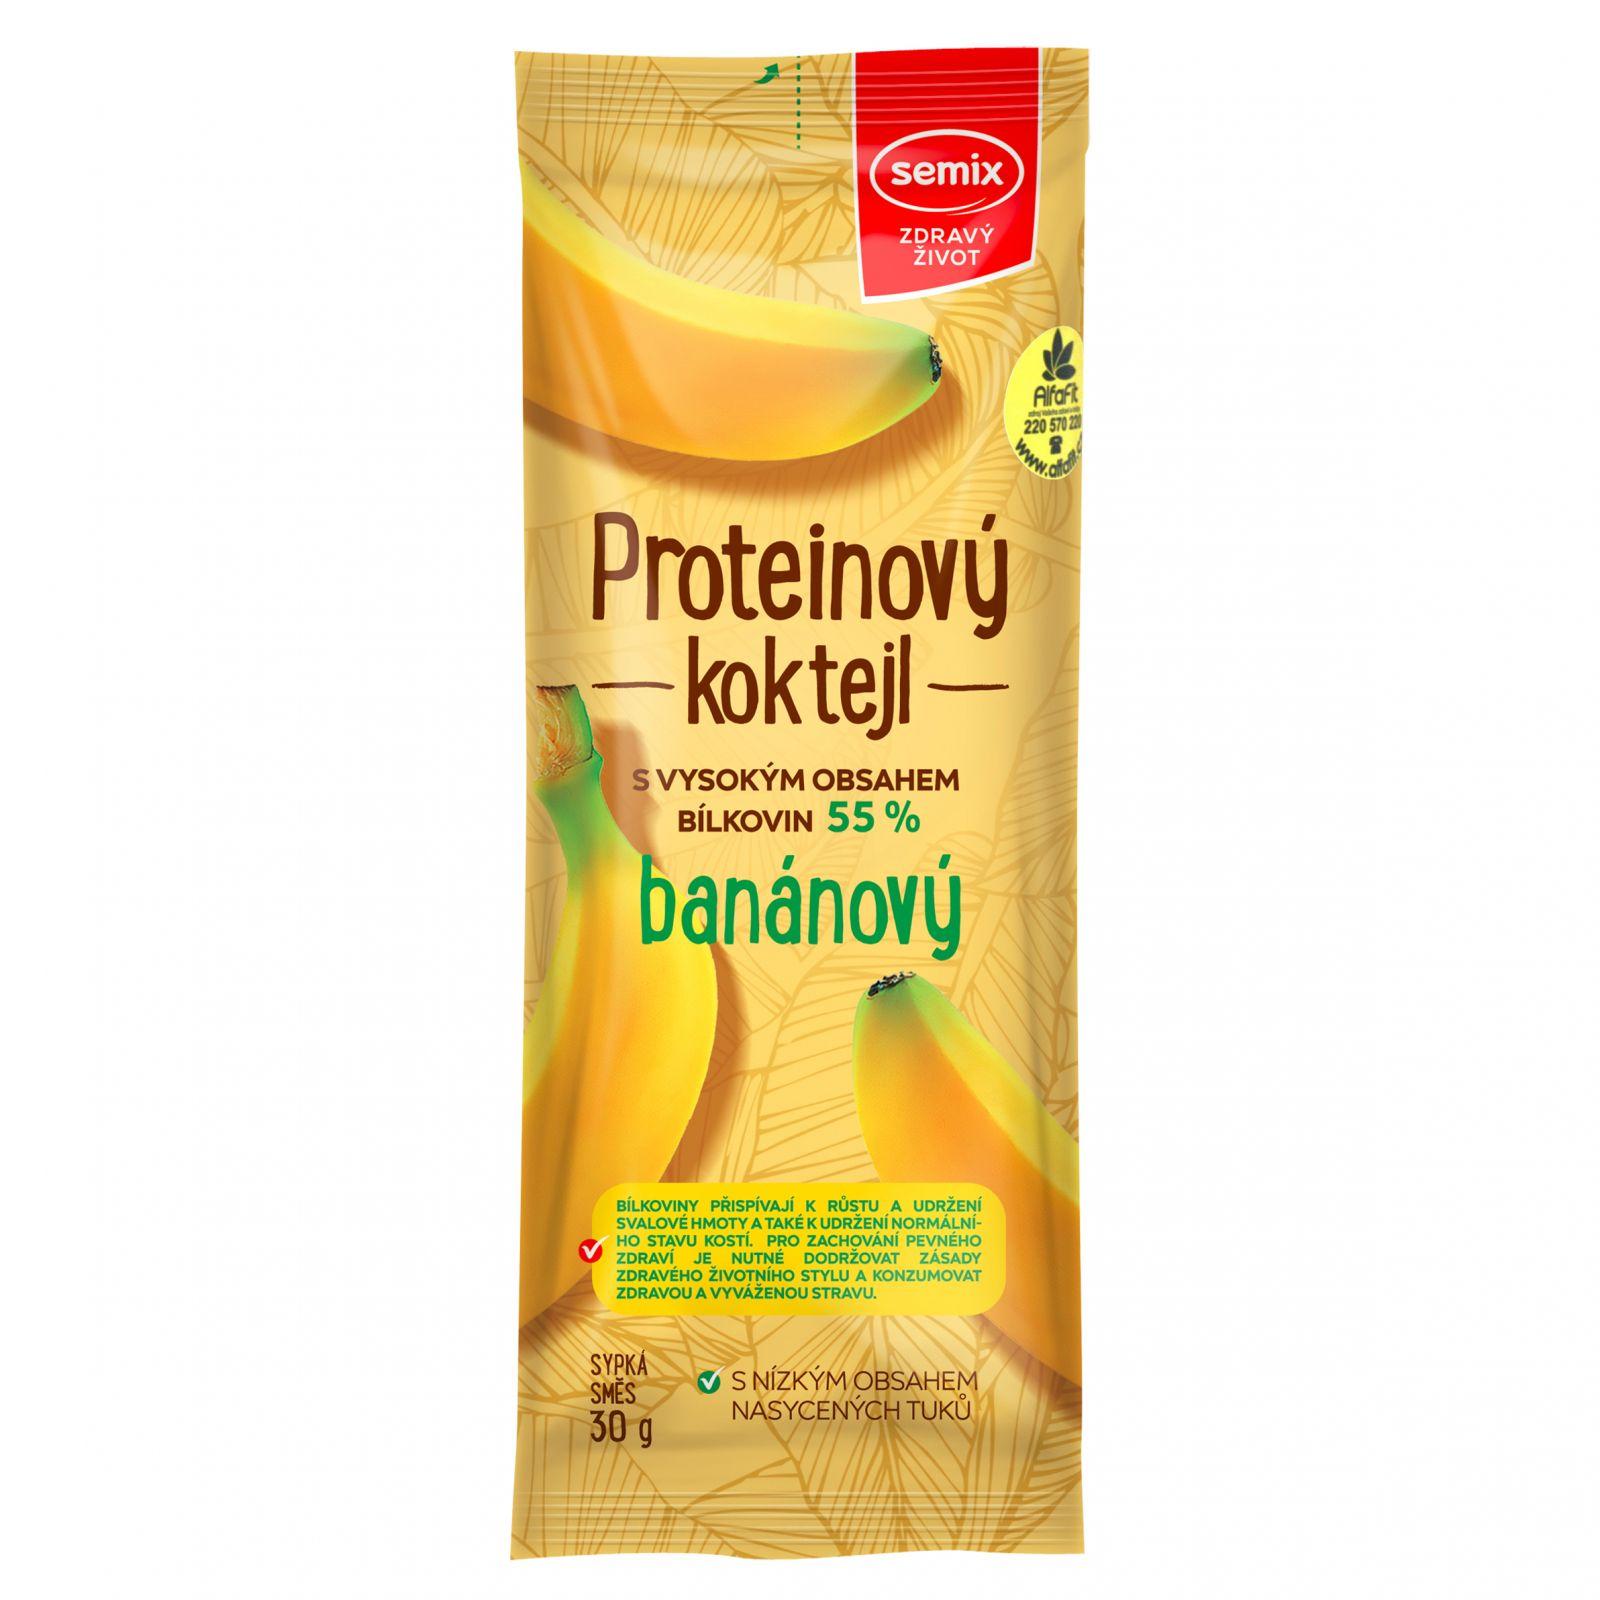 Semix Proteinový koktejl banánový 30 g